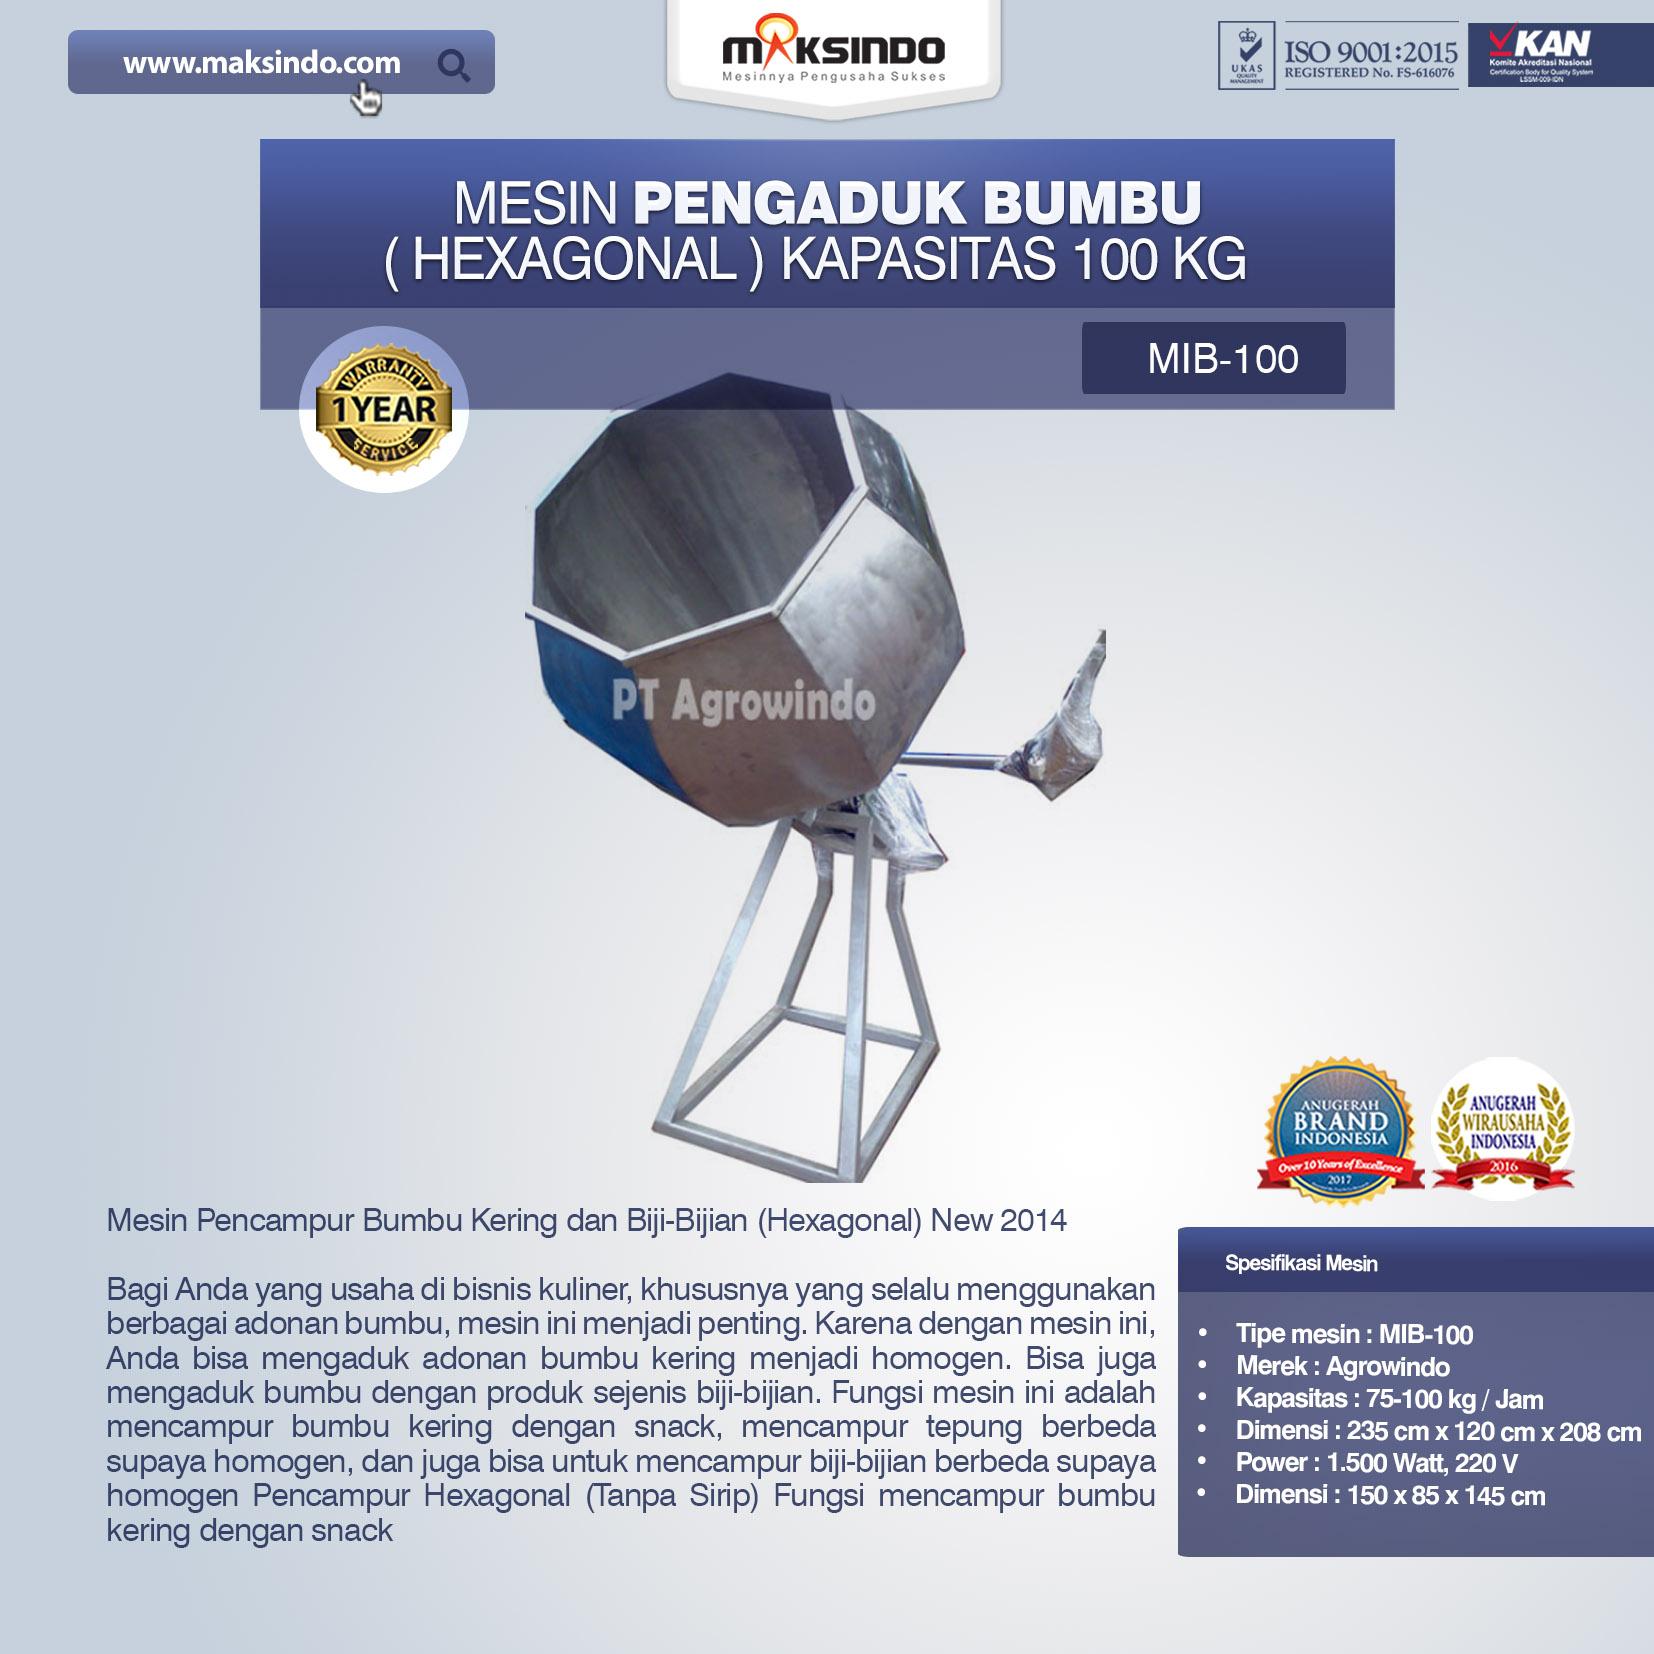 Mesin Pengaduk Bumbu Hexagonal Kapasitas 100 kg